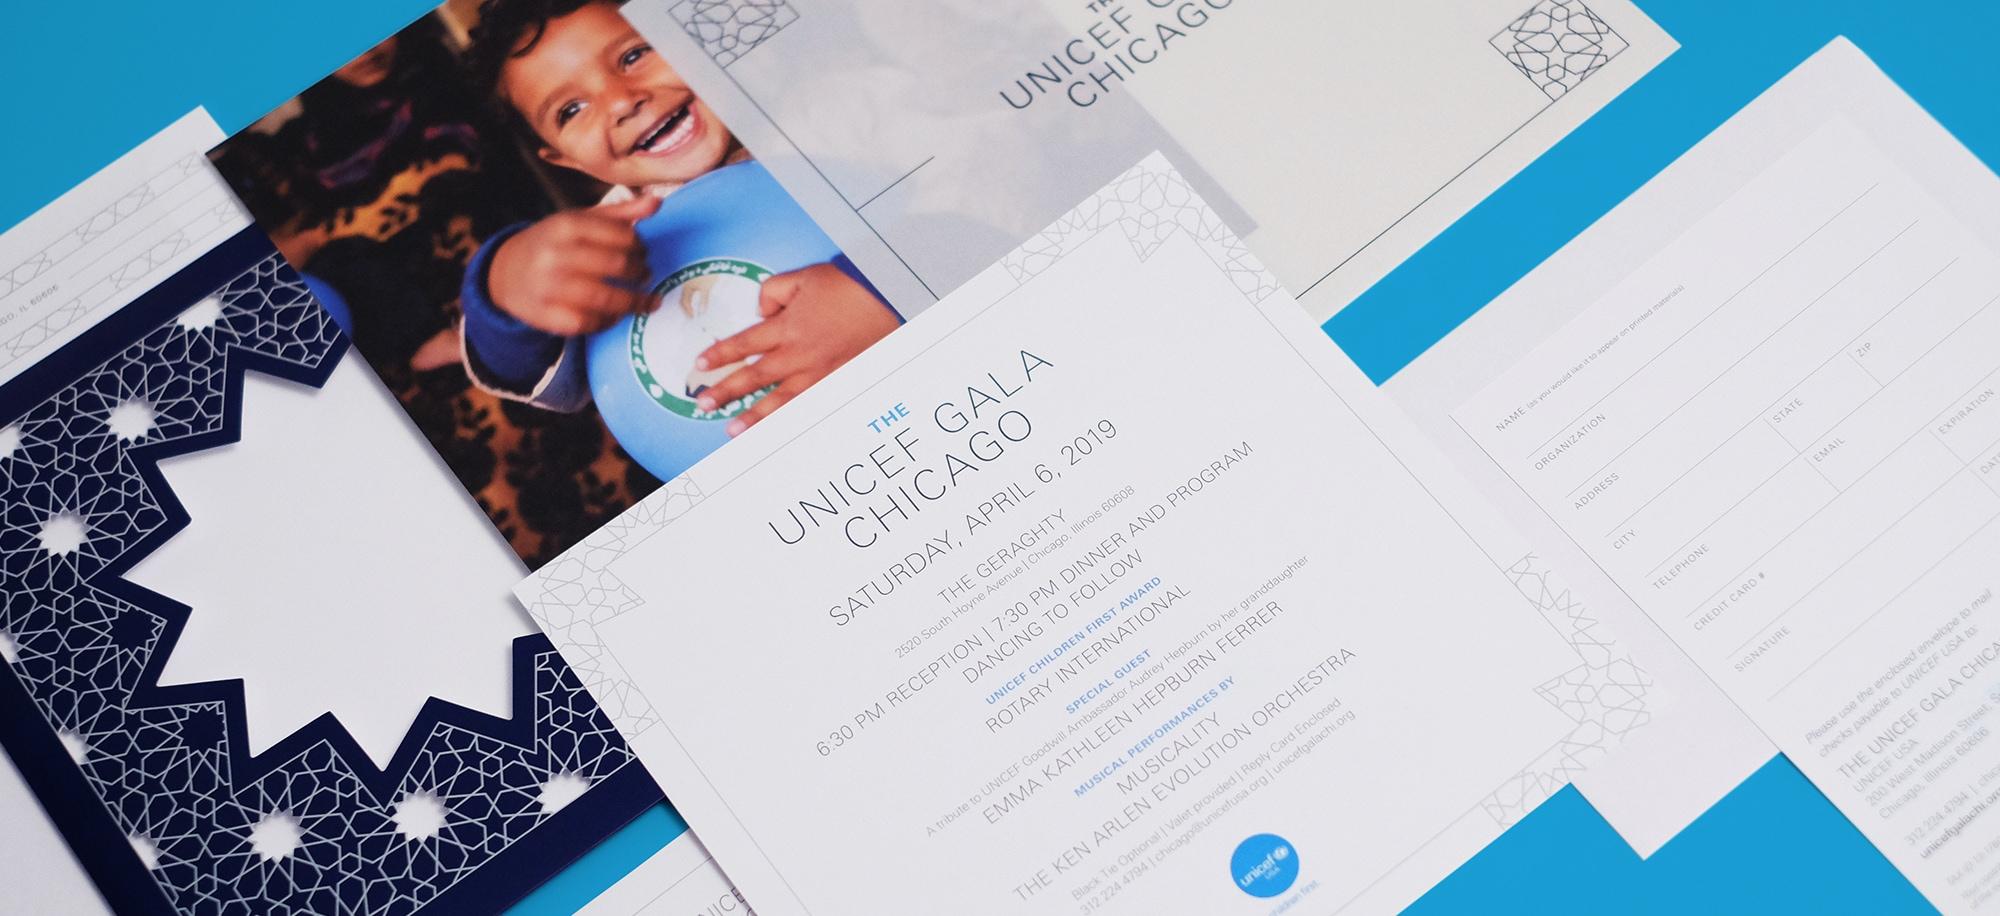 UNICEF Chicago Invite